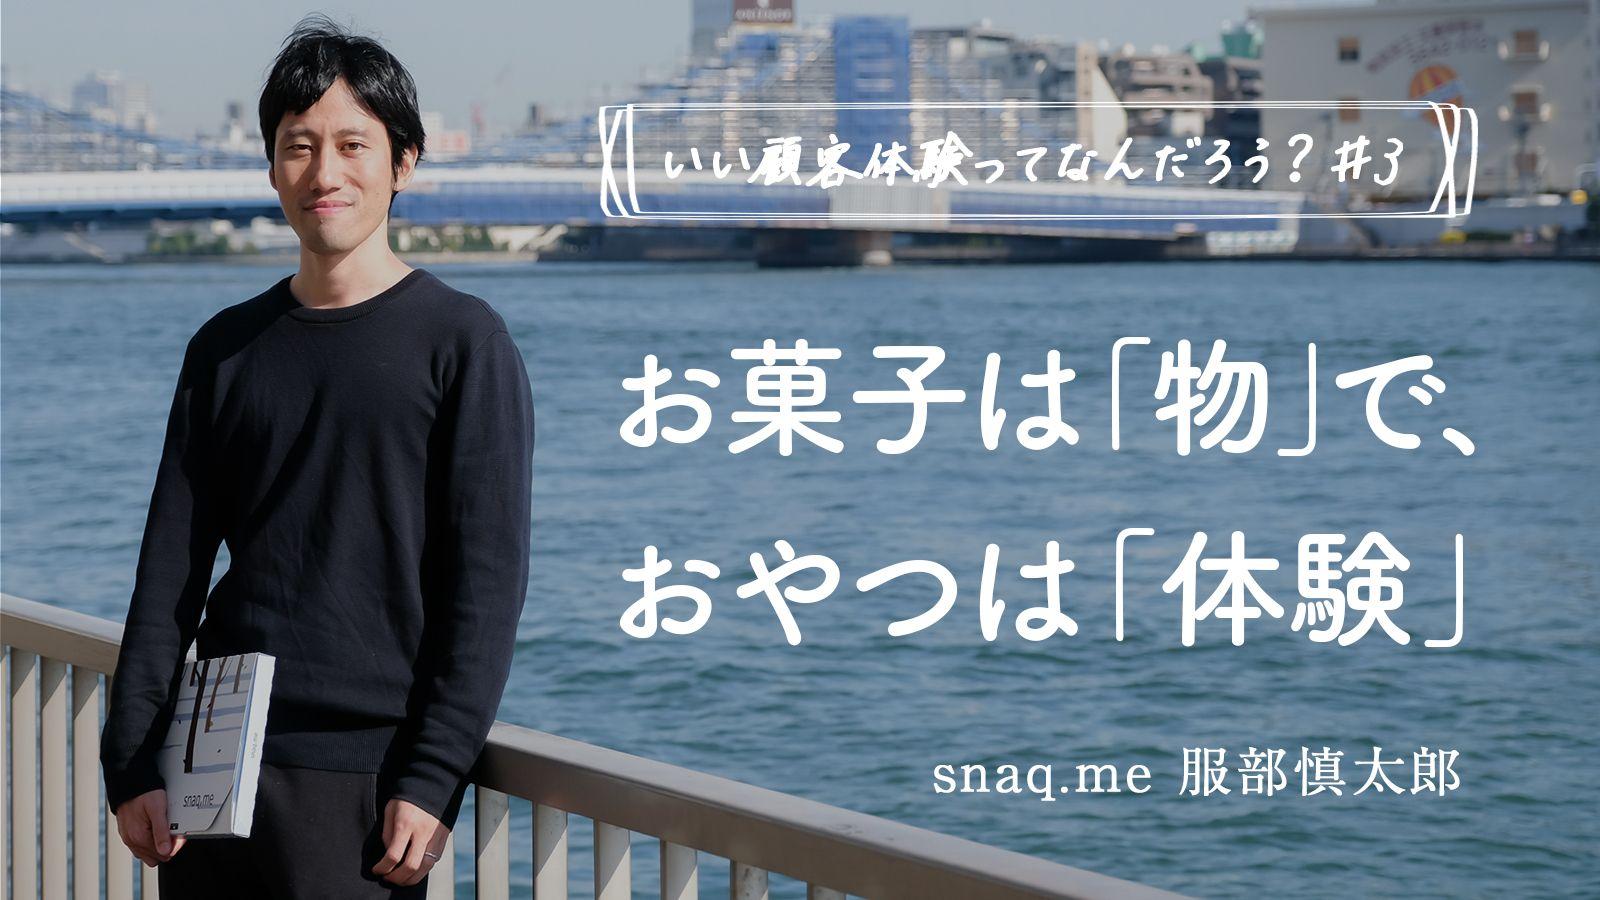 Webサービスのように「おやつ体験」を売る|スナックミー 服部慎太郎